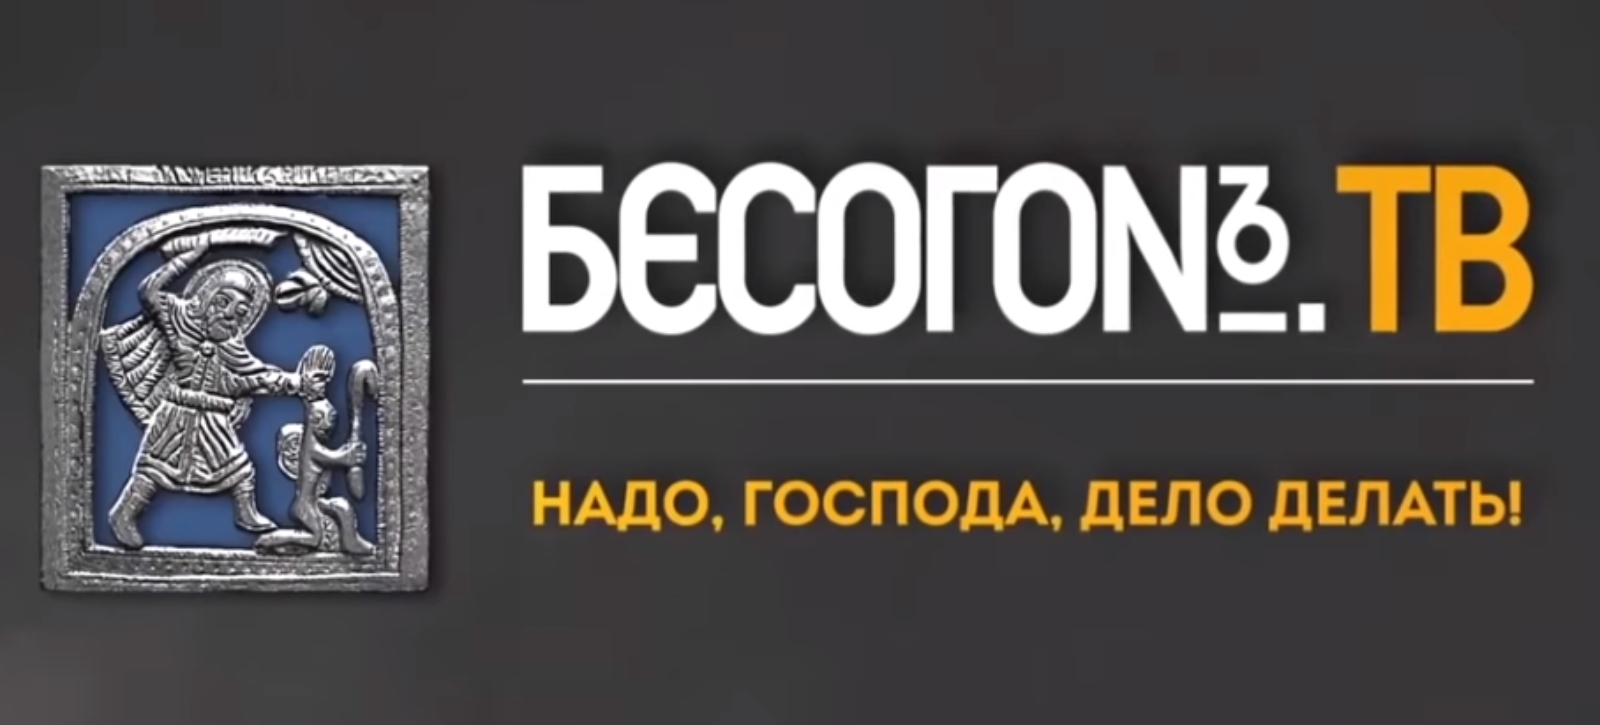 Михалков станет владельцем товарного знака похожего на икону